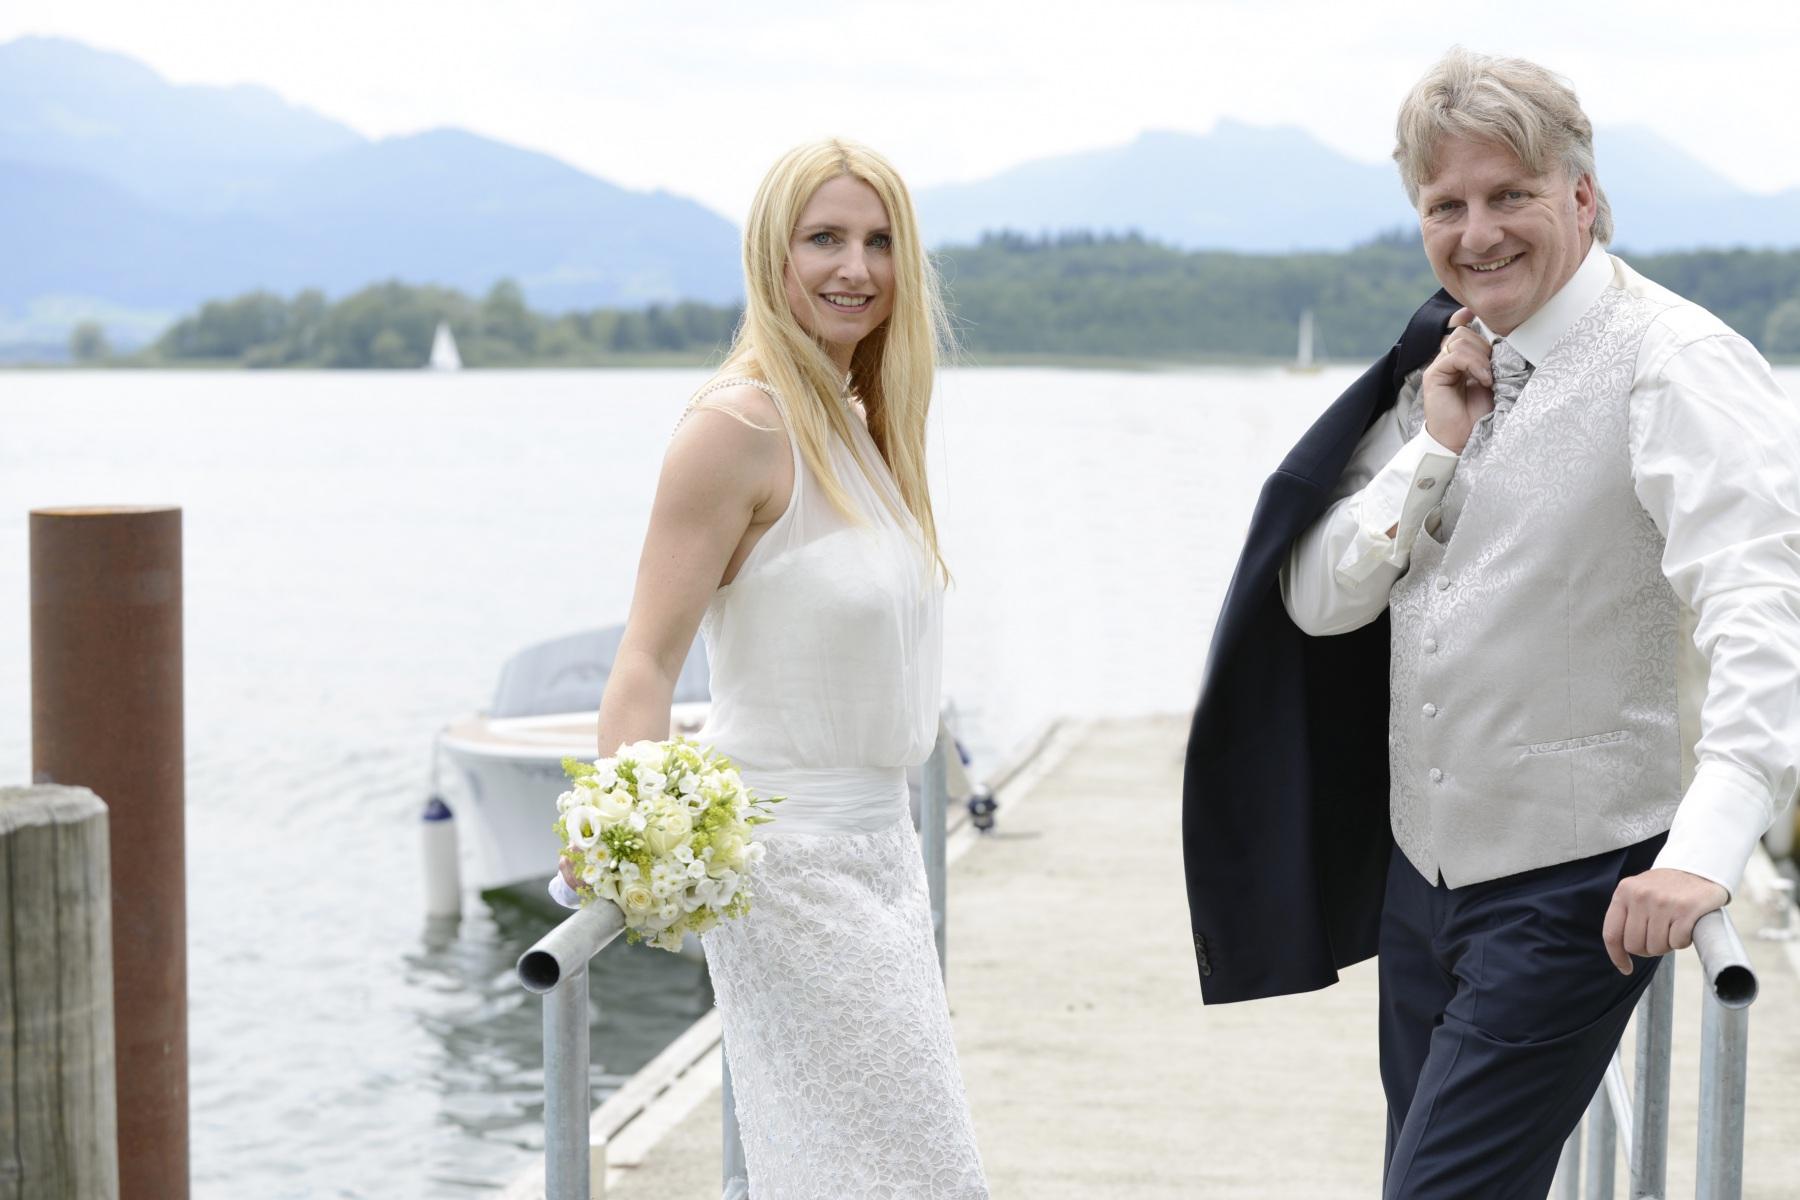 Hochzeitsfotografie auf der Fraueninsel im Chiemsee © Fotostudio Werner Blauhorn in Prien